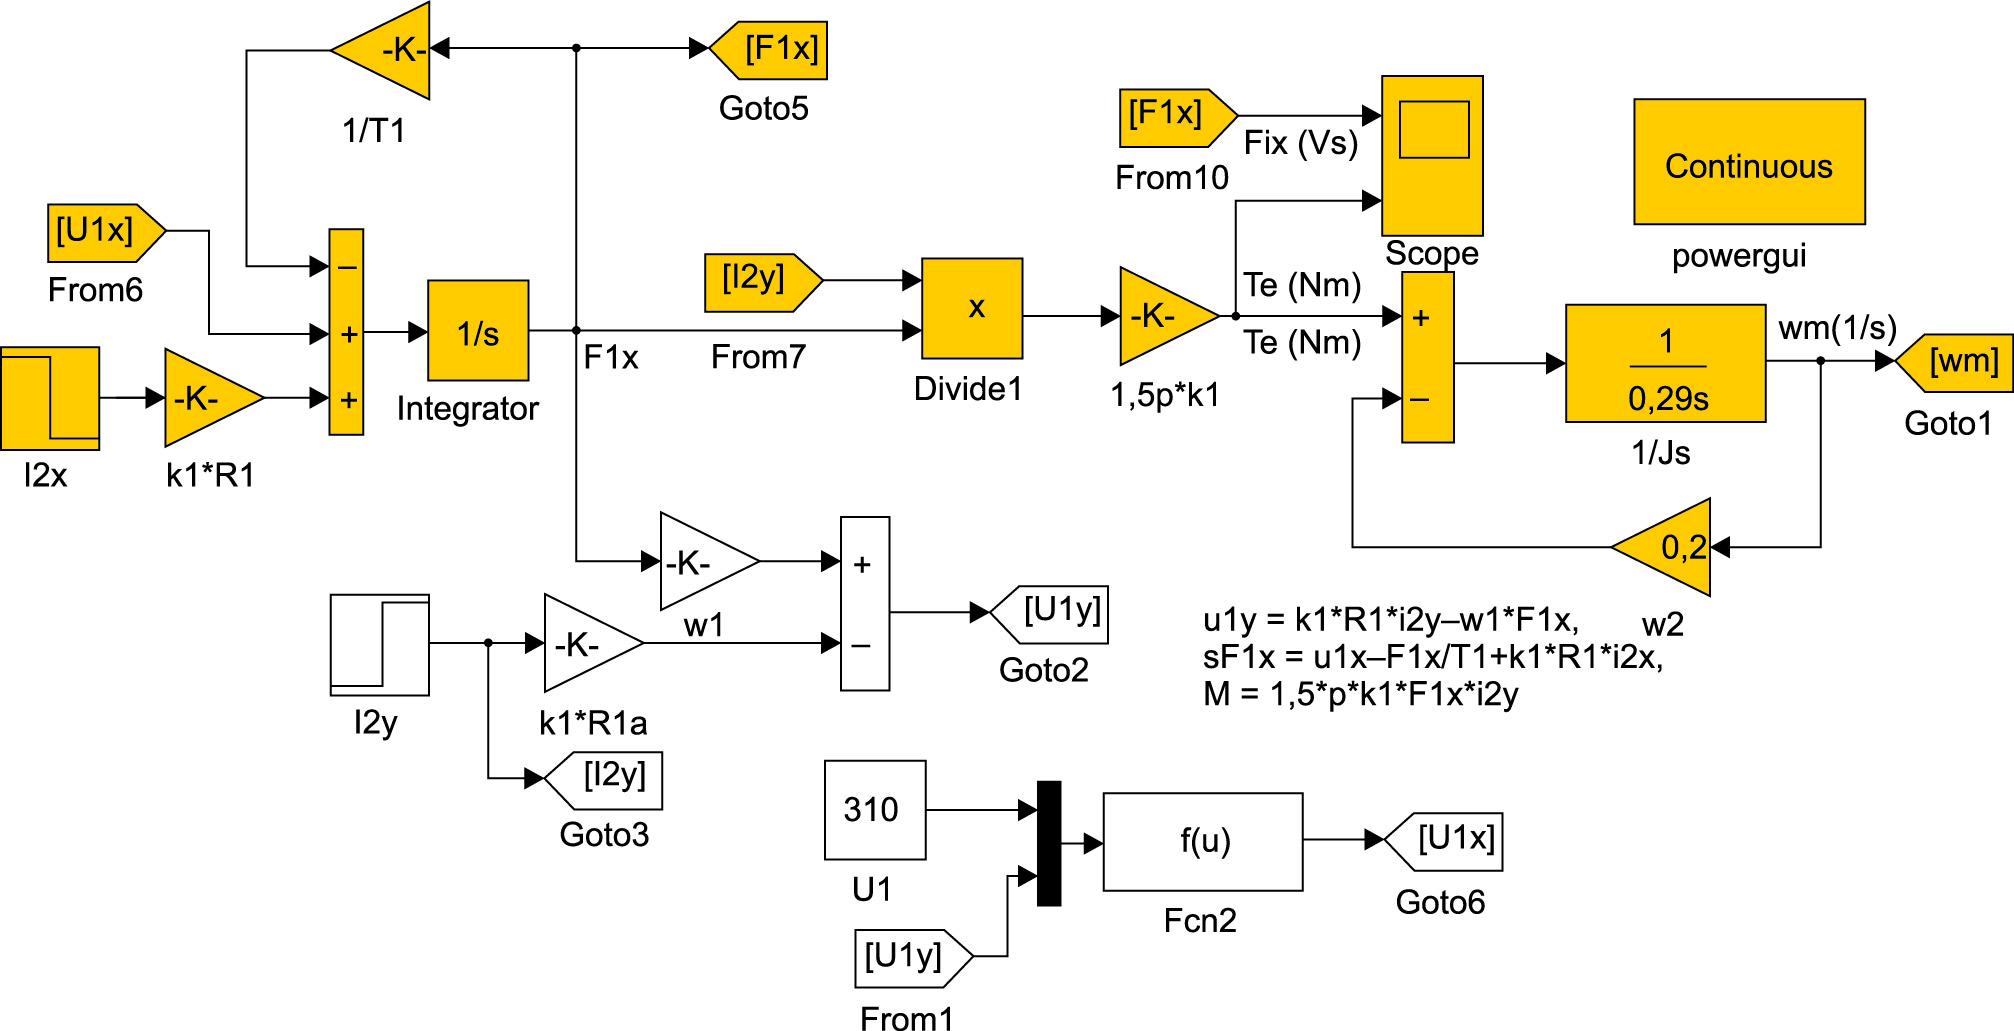 Модель мехатронной системы с МДП, управляемой током ротора, в системе координат, ориентированной по вектору потокосцепления статора